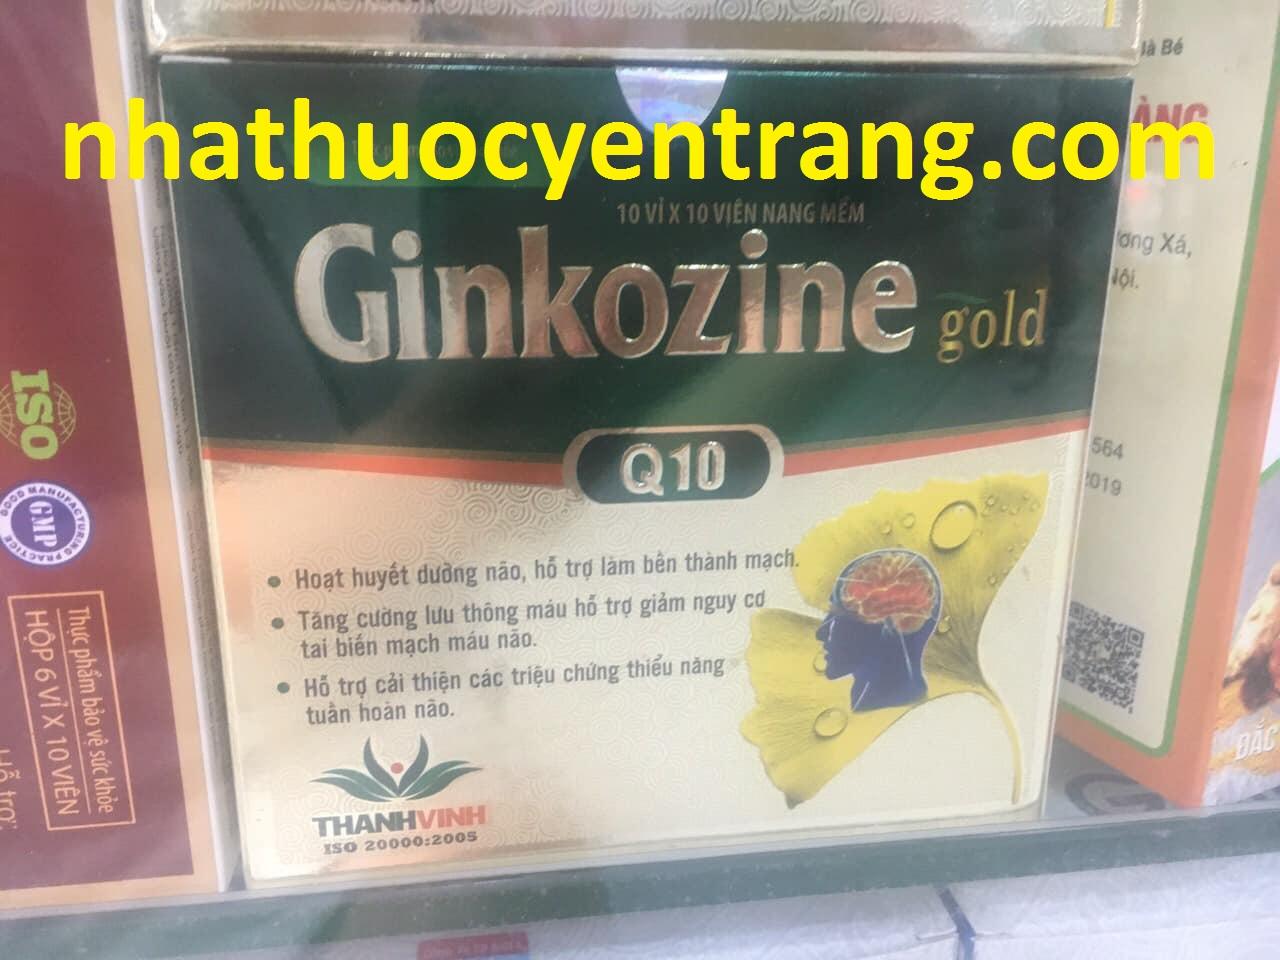 Ginkozine